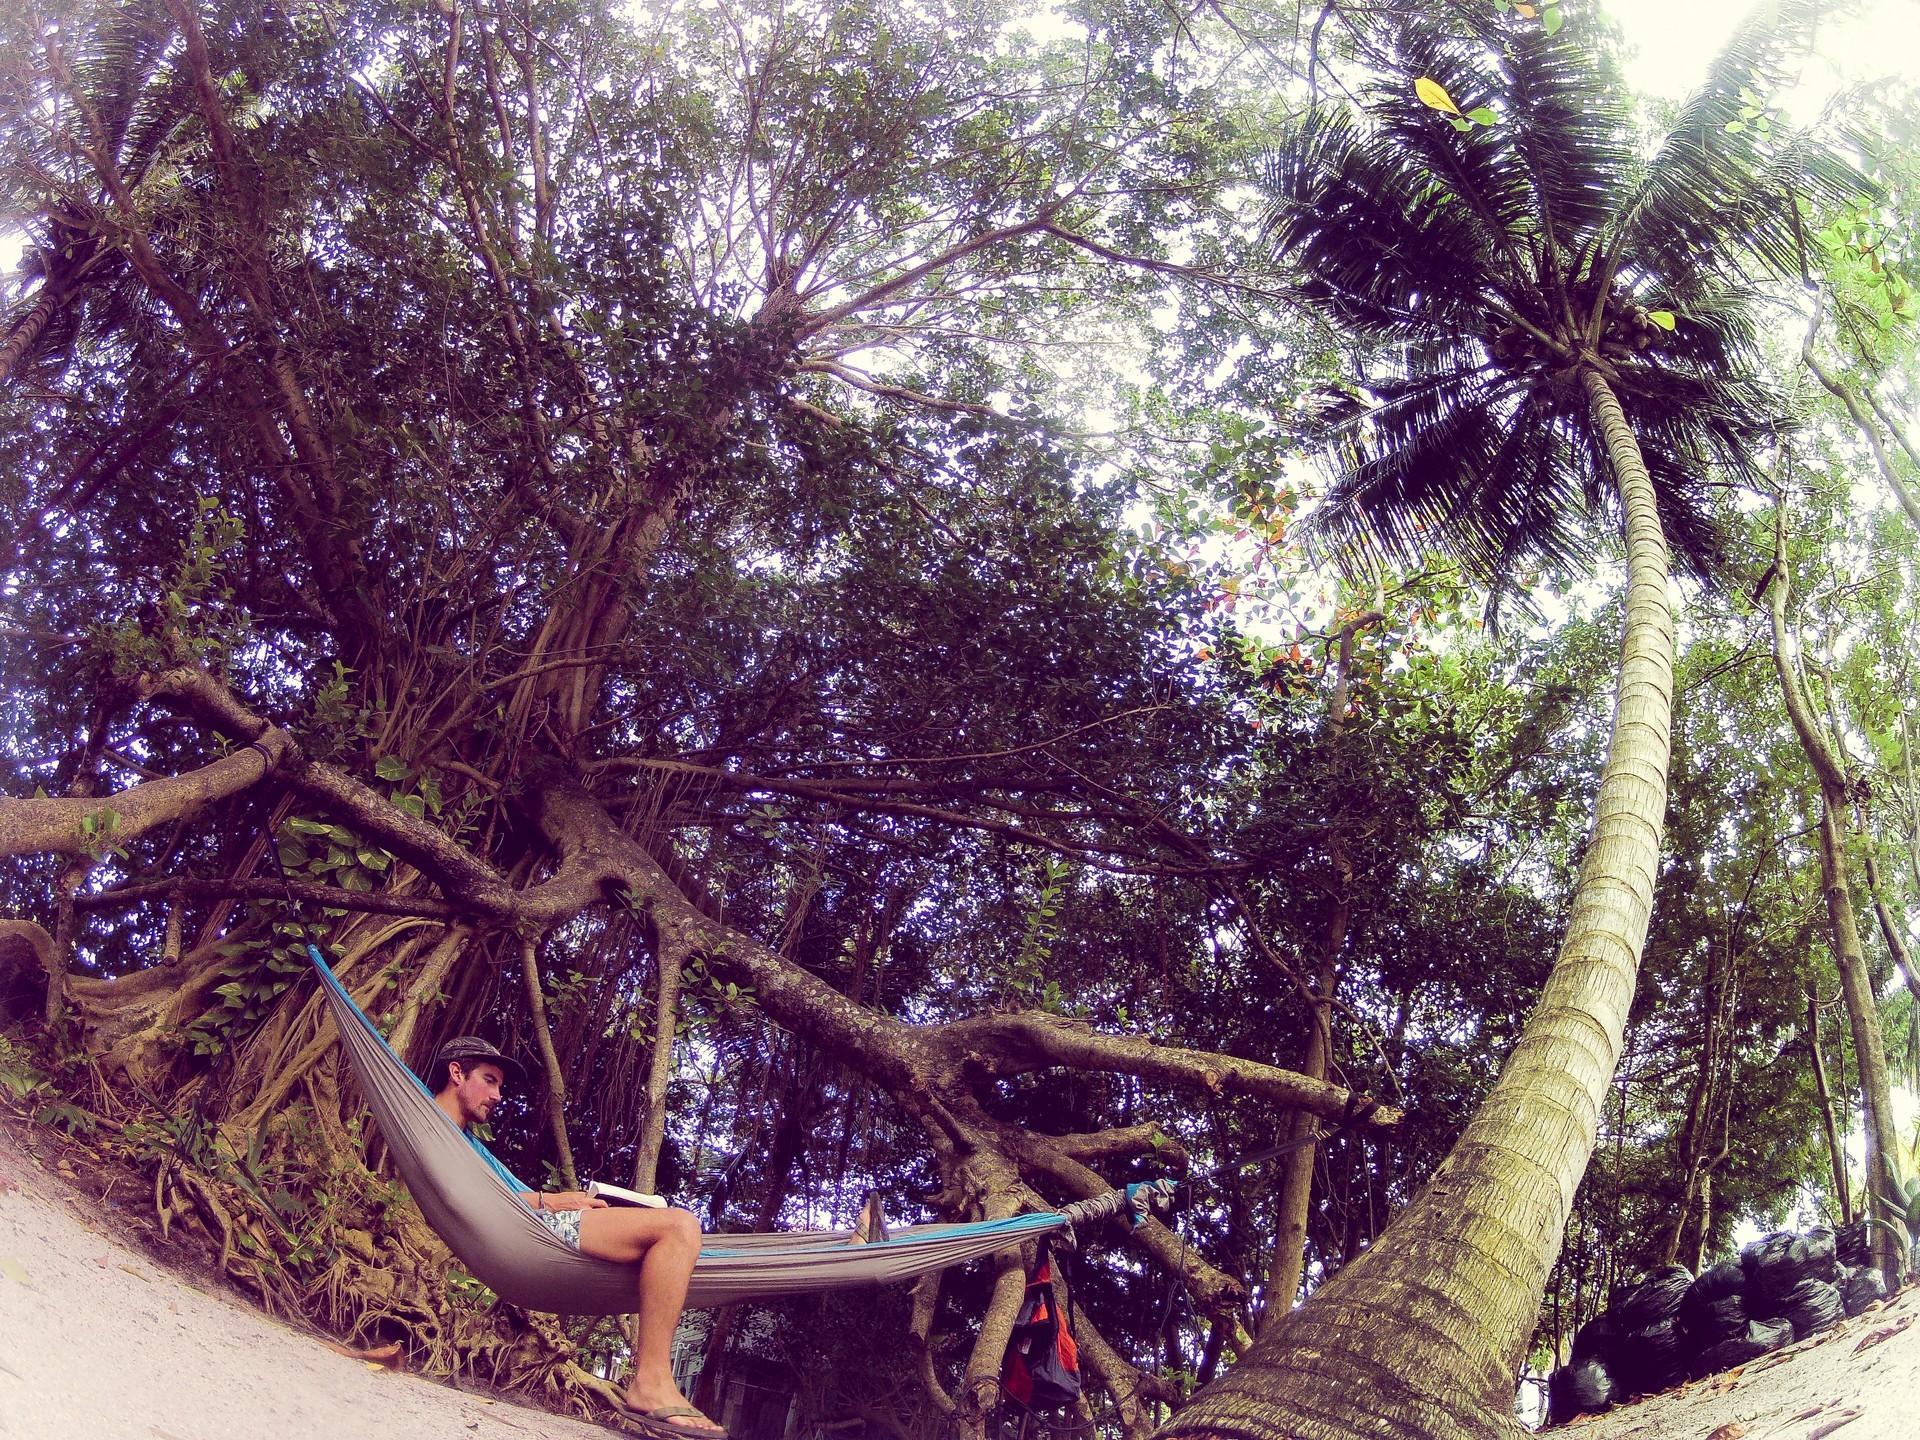 Путешествие по джунглям и мой отдых в гамаке.